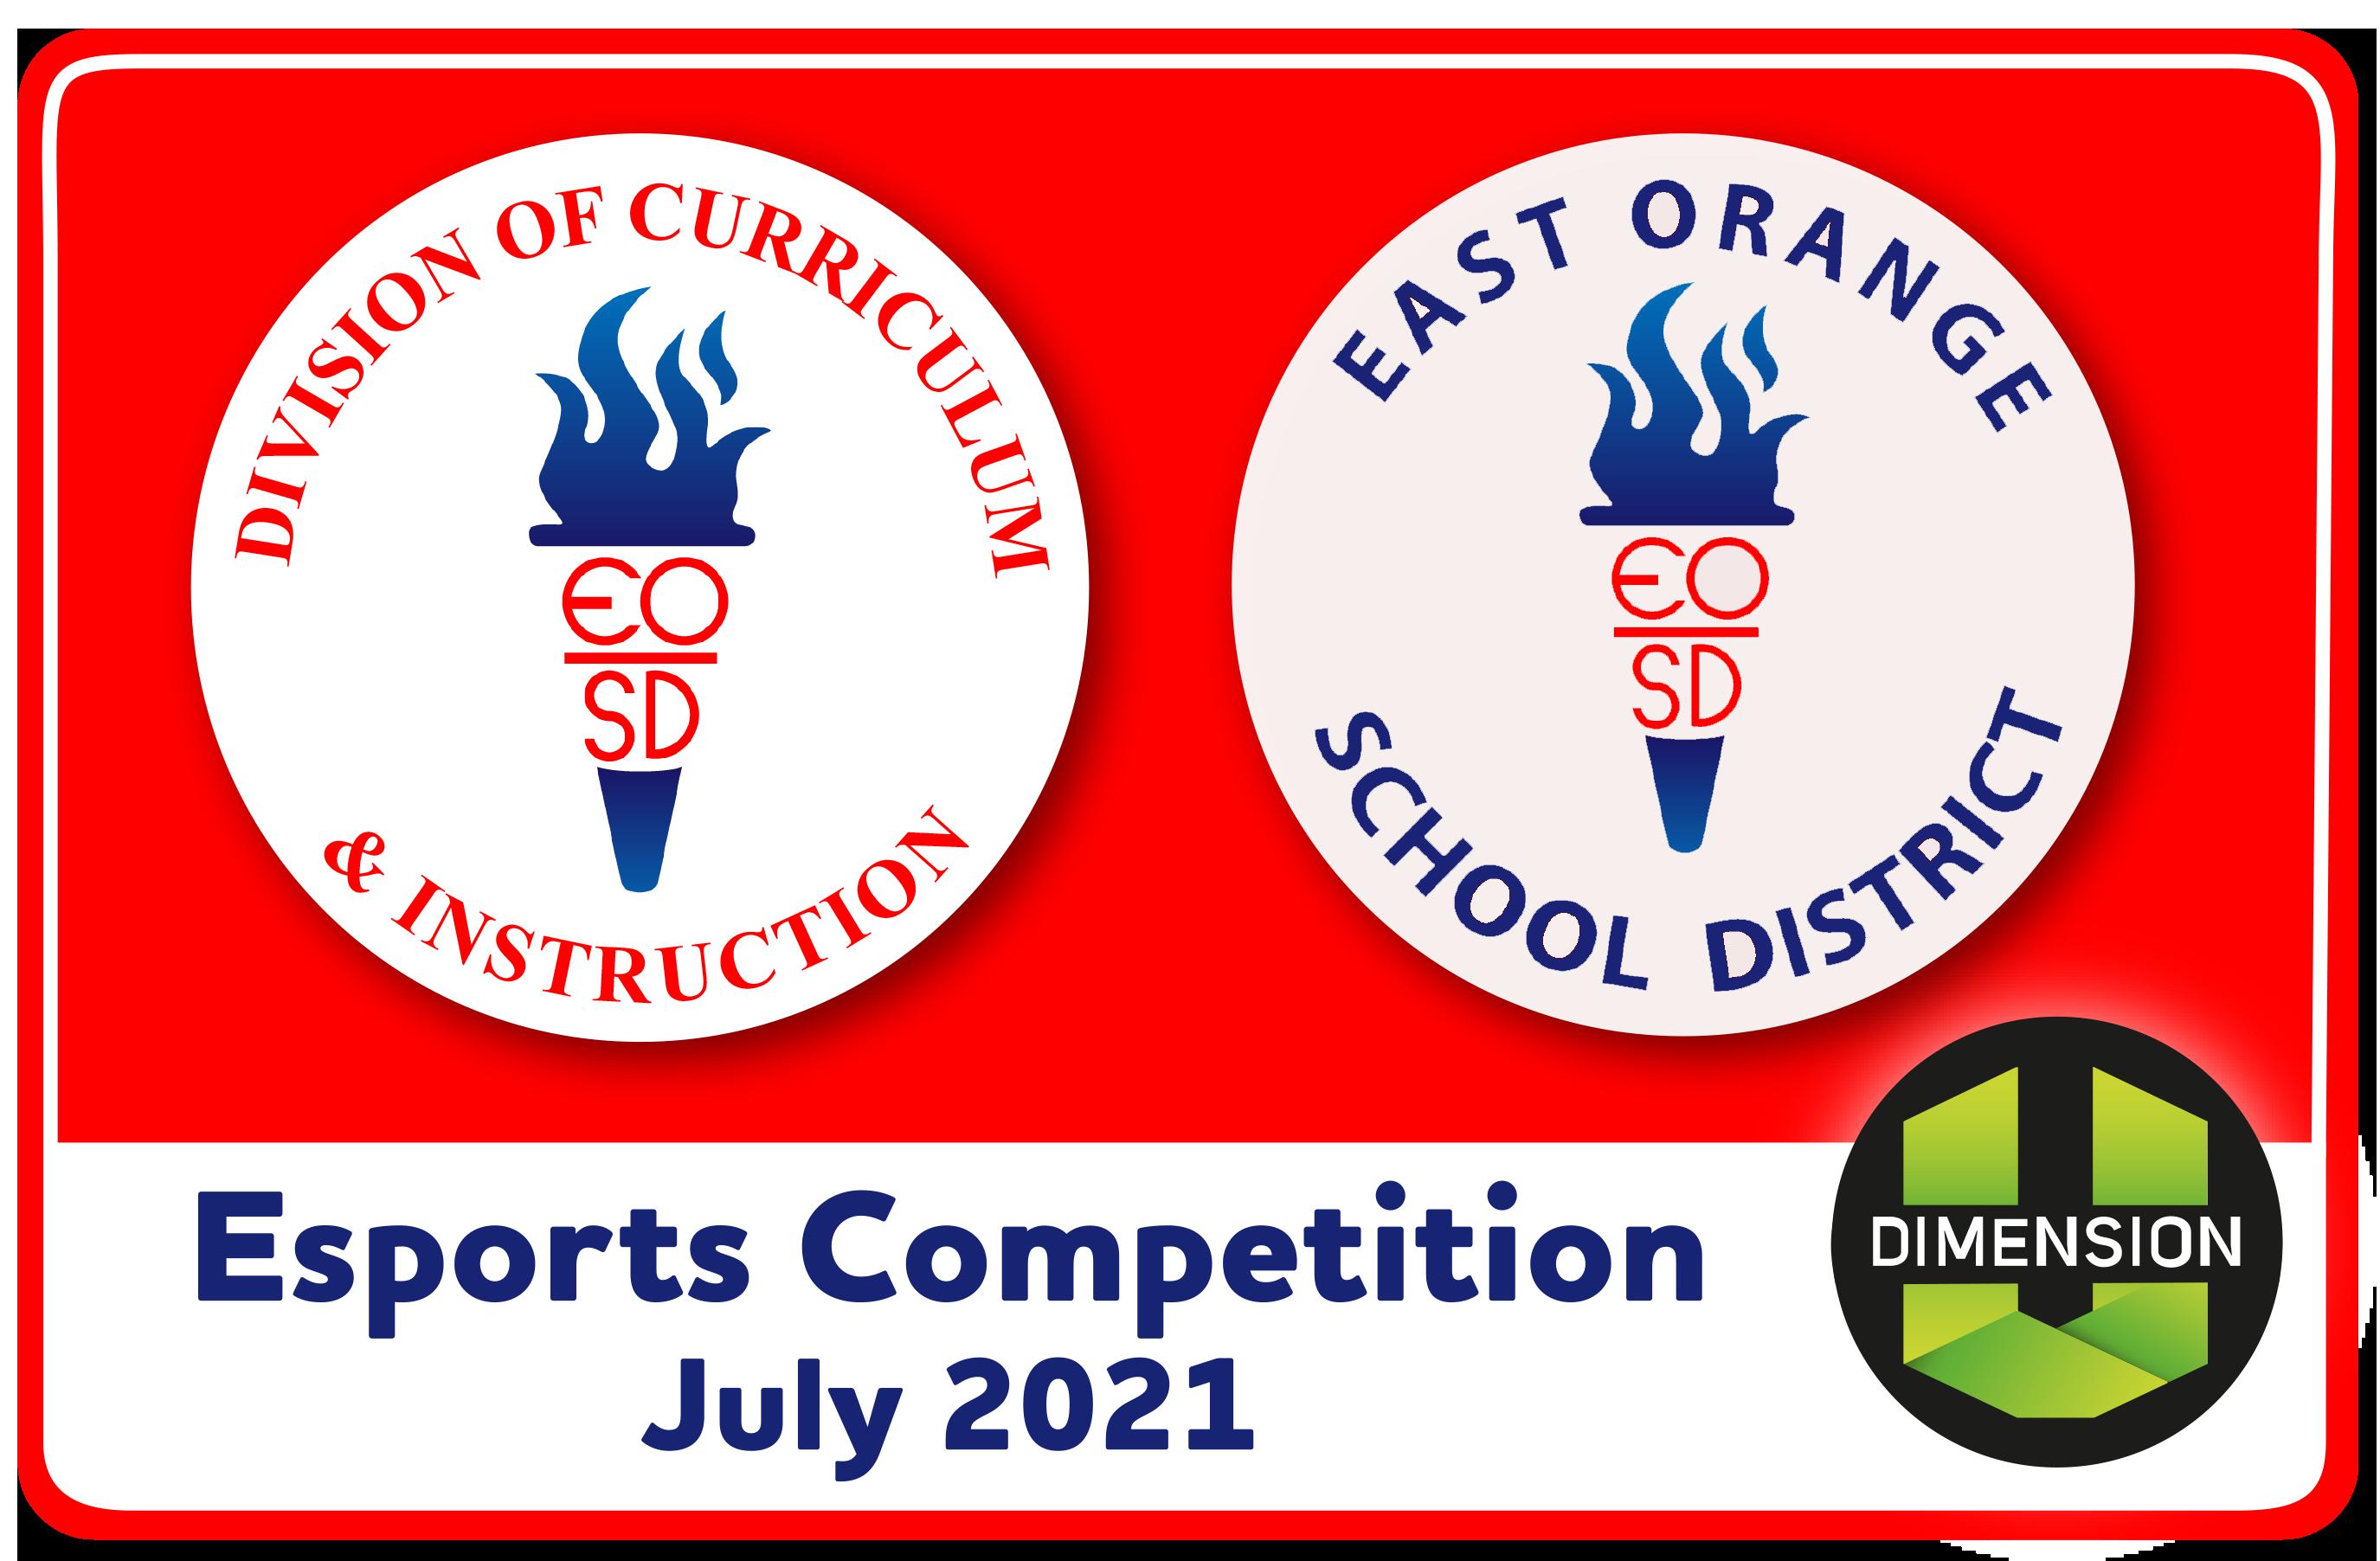 East Orange Summer Competition emblems